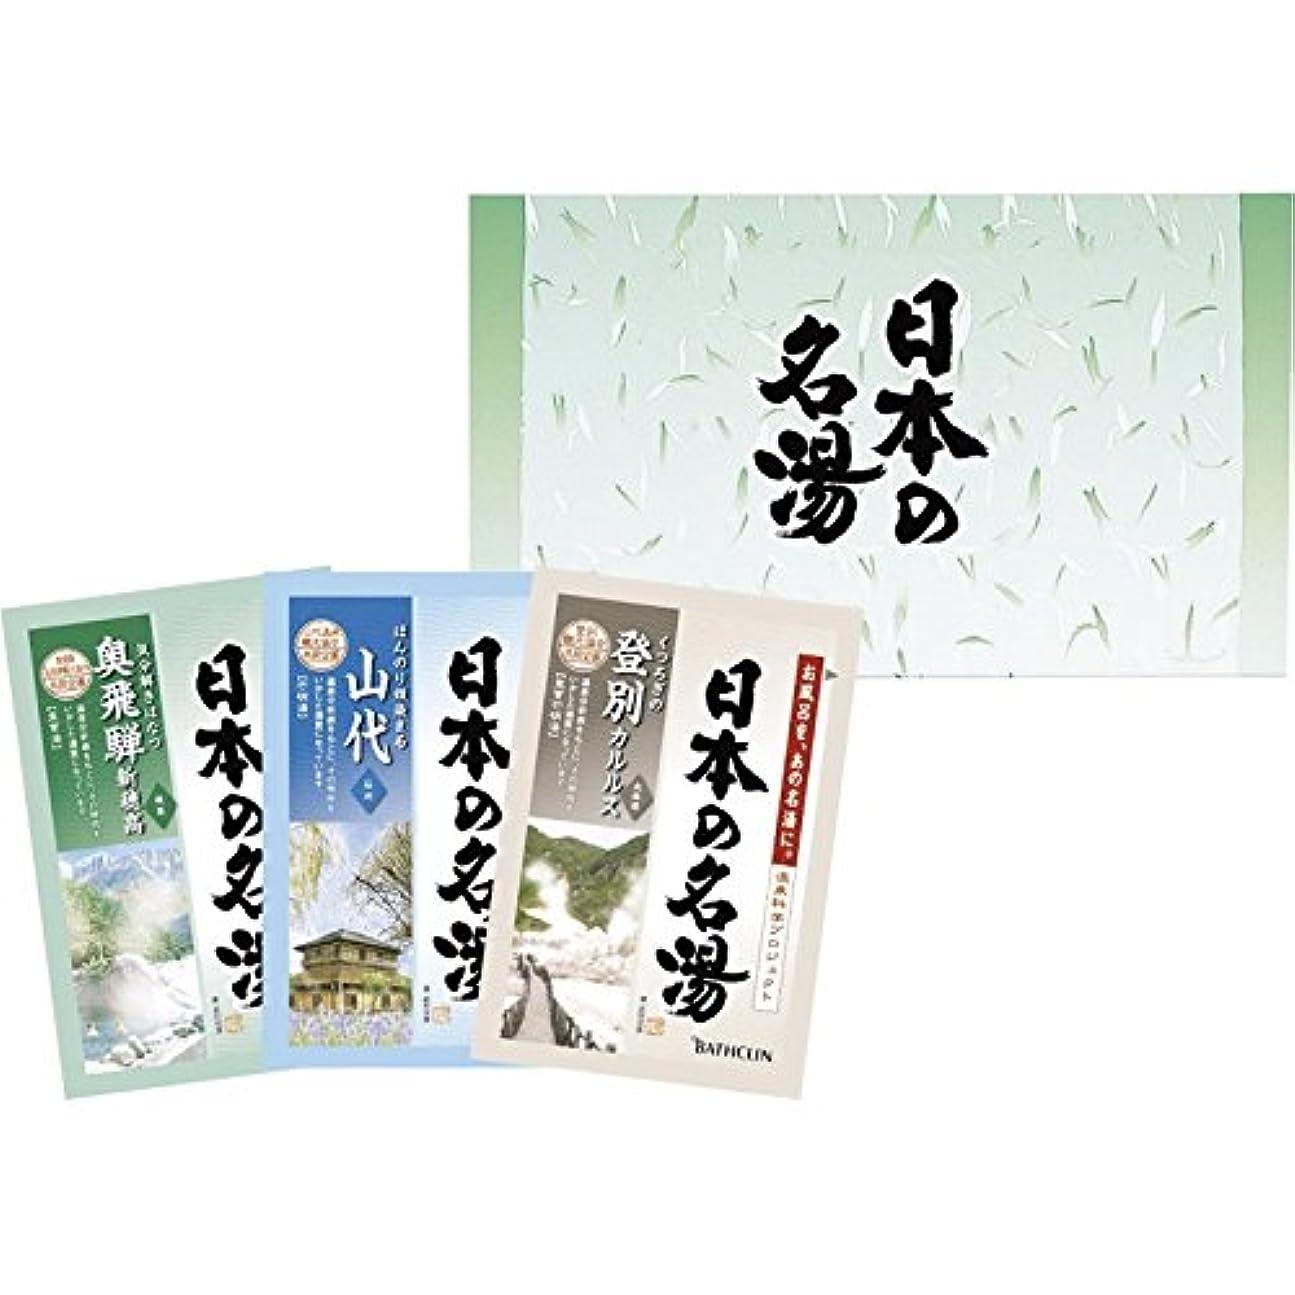 拮抗報酬のコピーバスクリン 日本の名湯 3包セット 【ギフトセット あたたまる あったまる ぽかぽか つめあわせ 詰め合わせ アソート バス用品 お風呂用品 300】